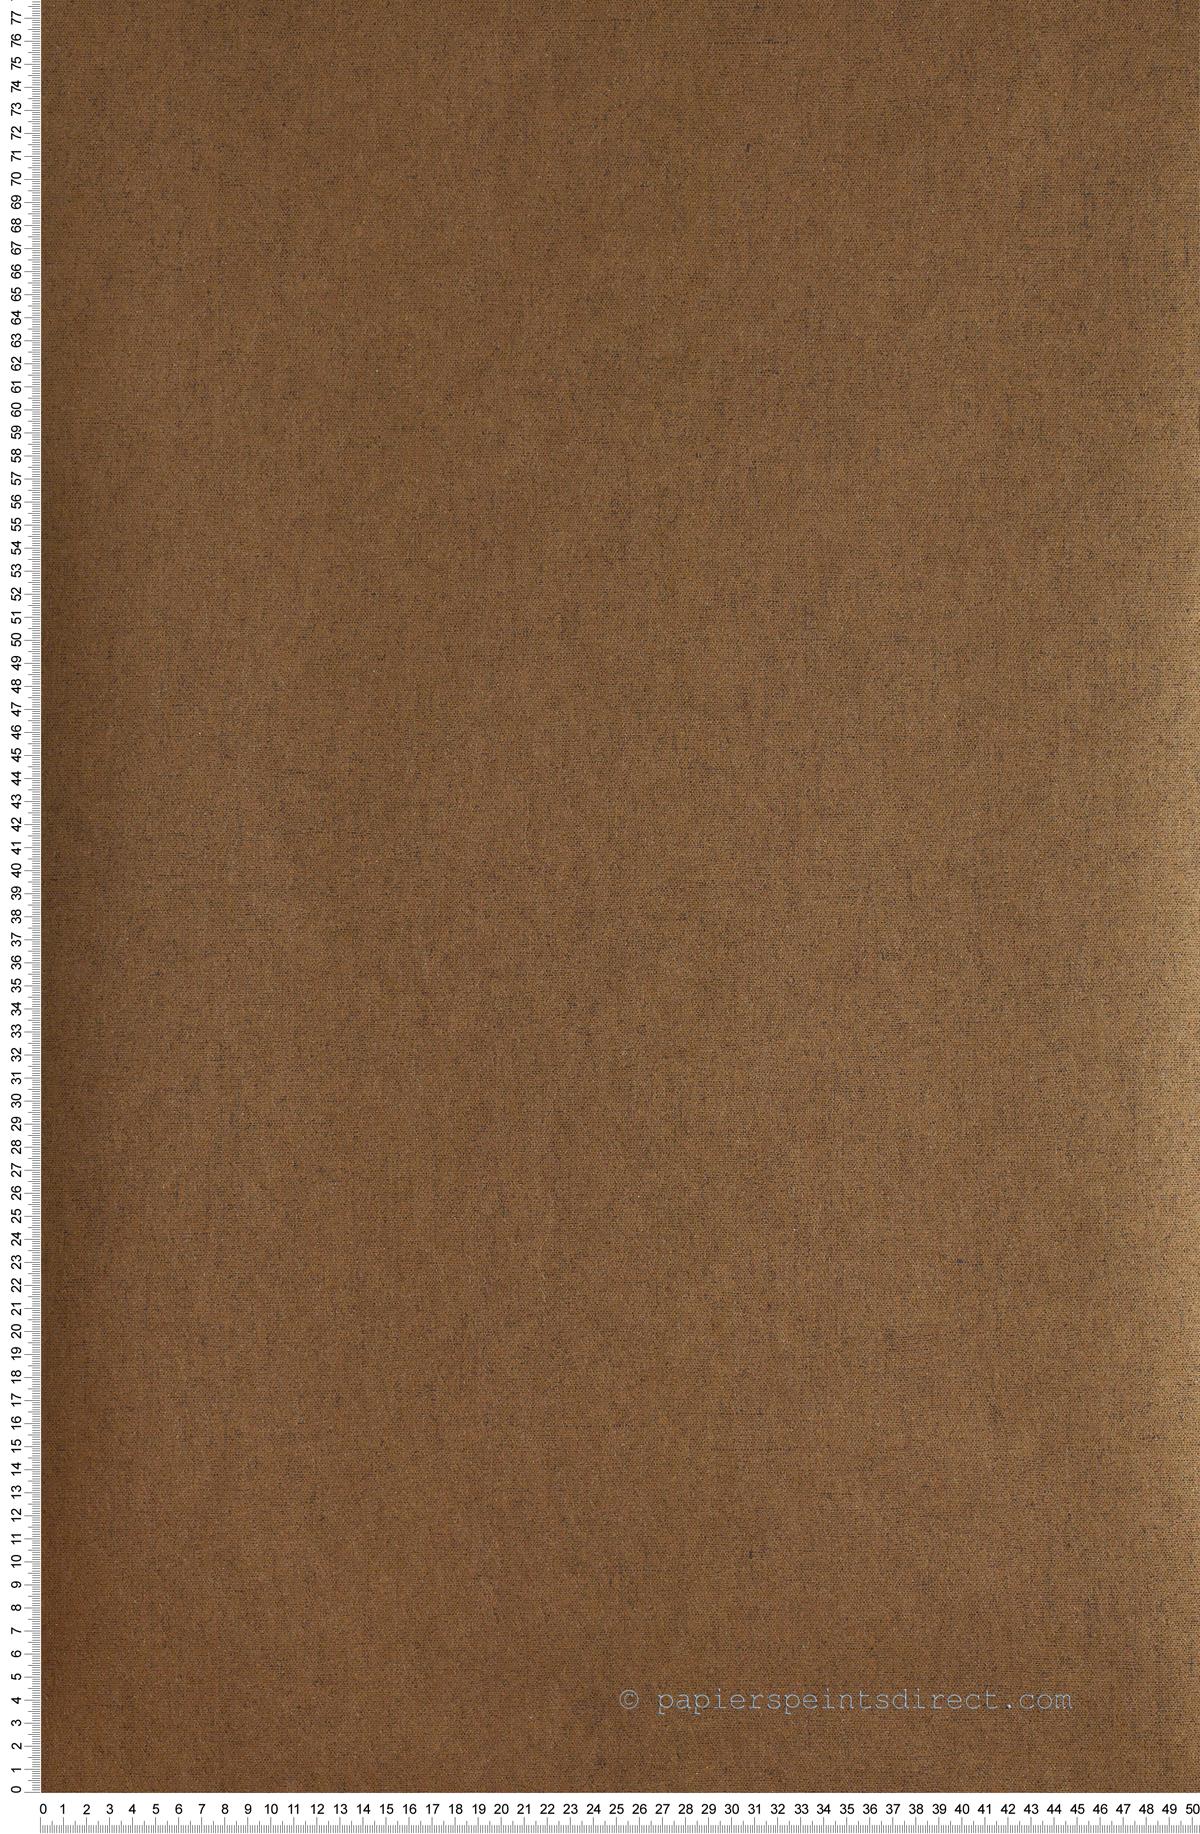 Uni Cuivre Divine - papier peint Casadéco